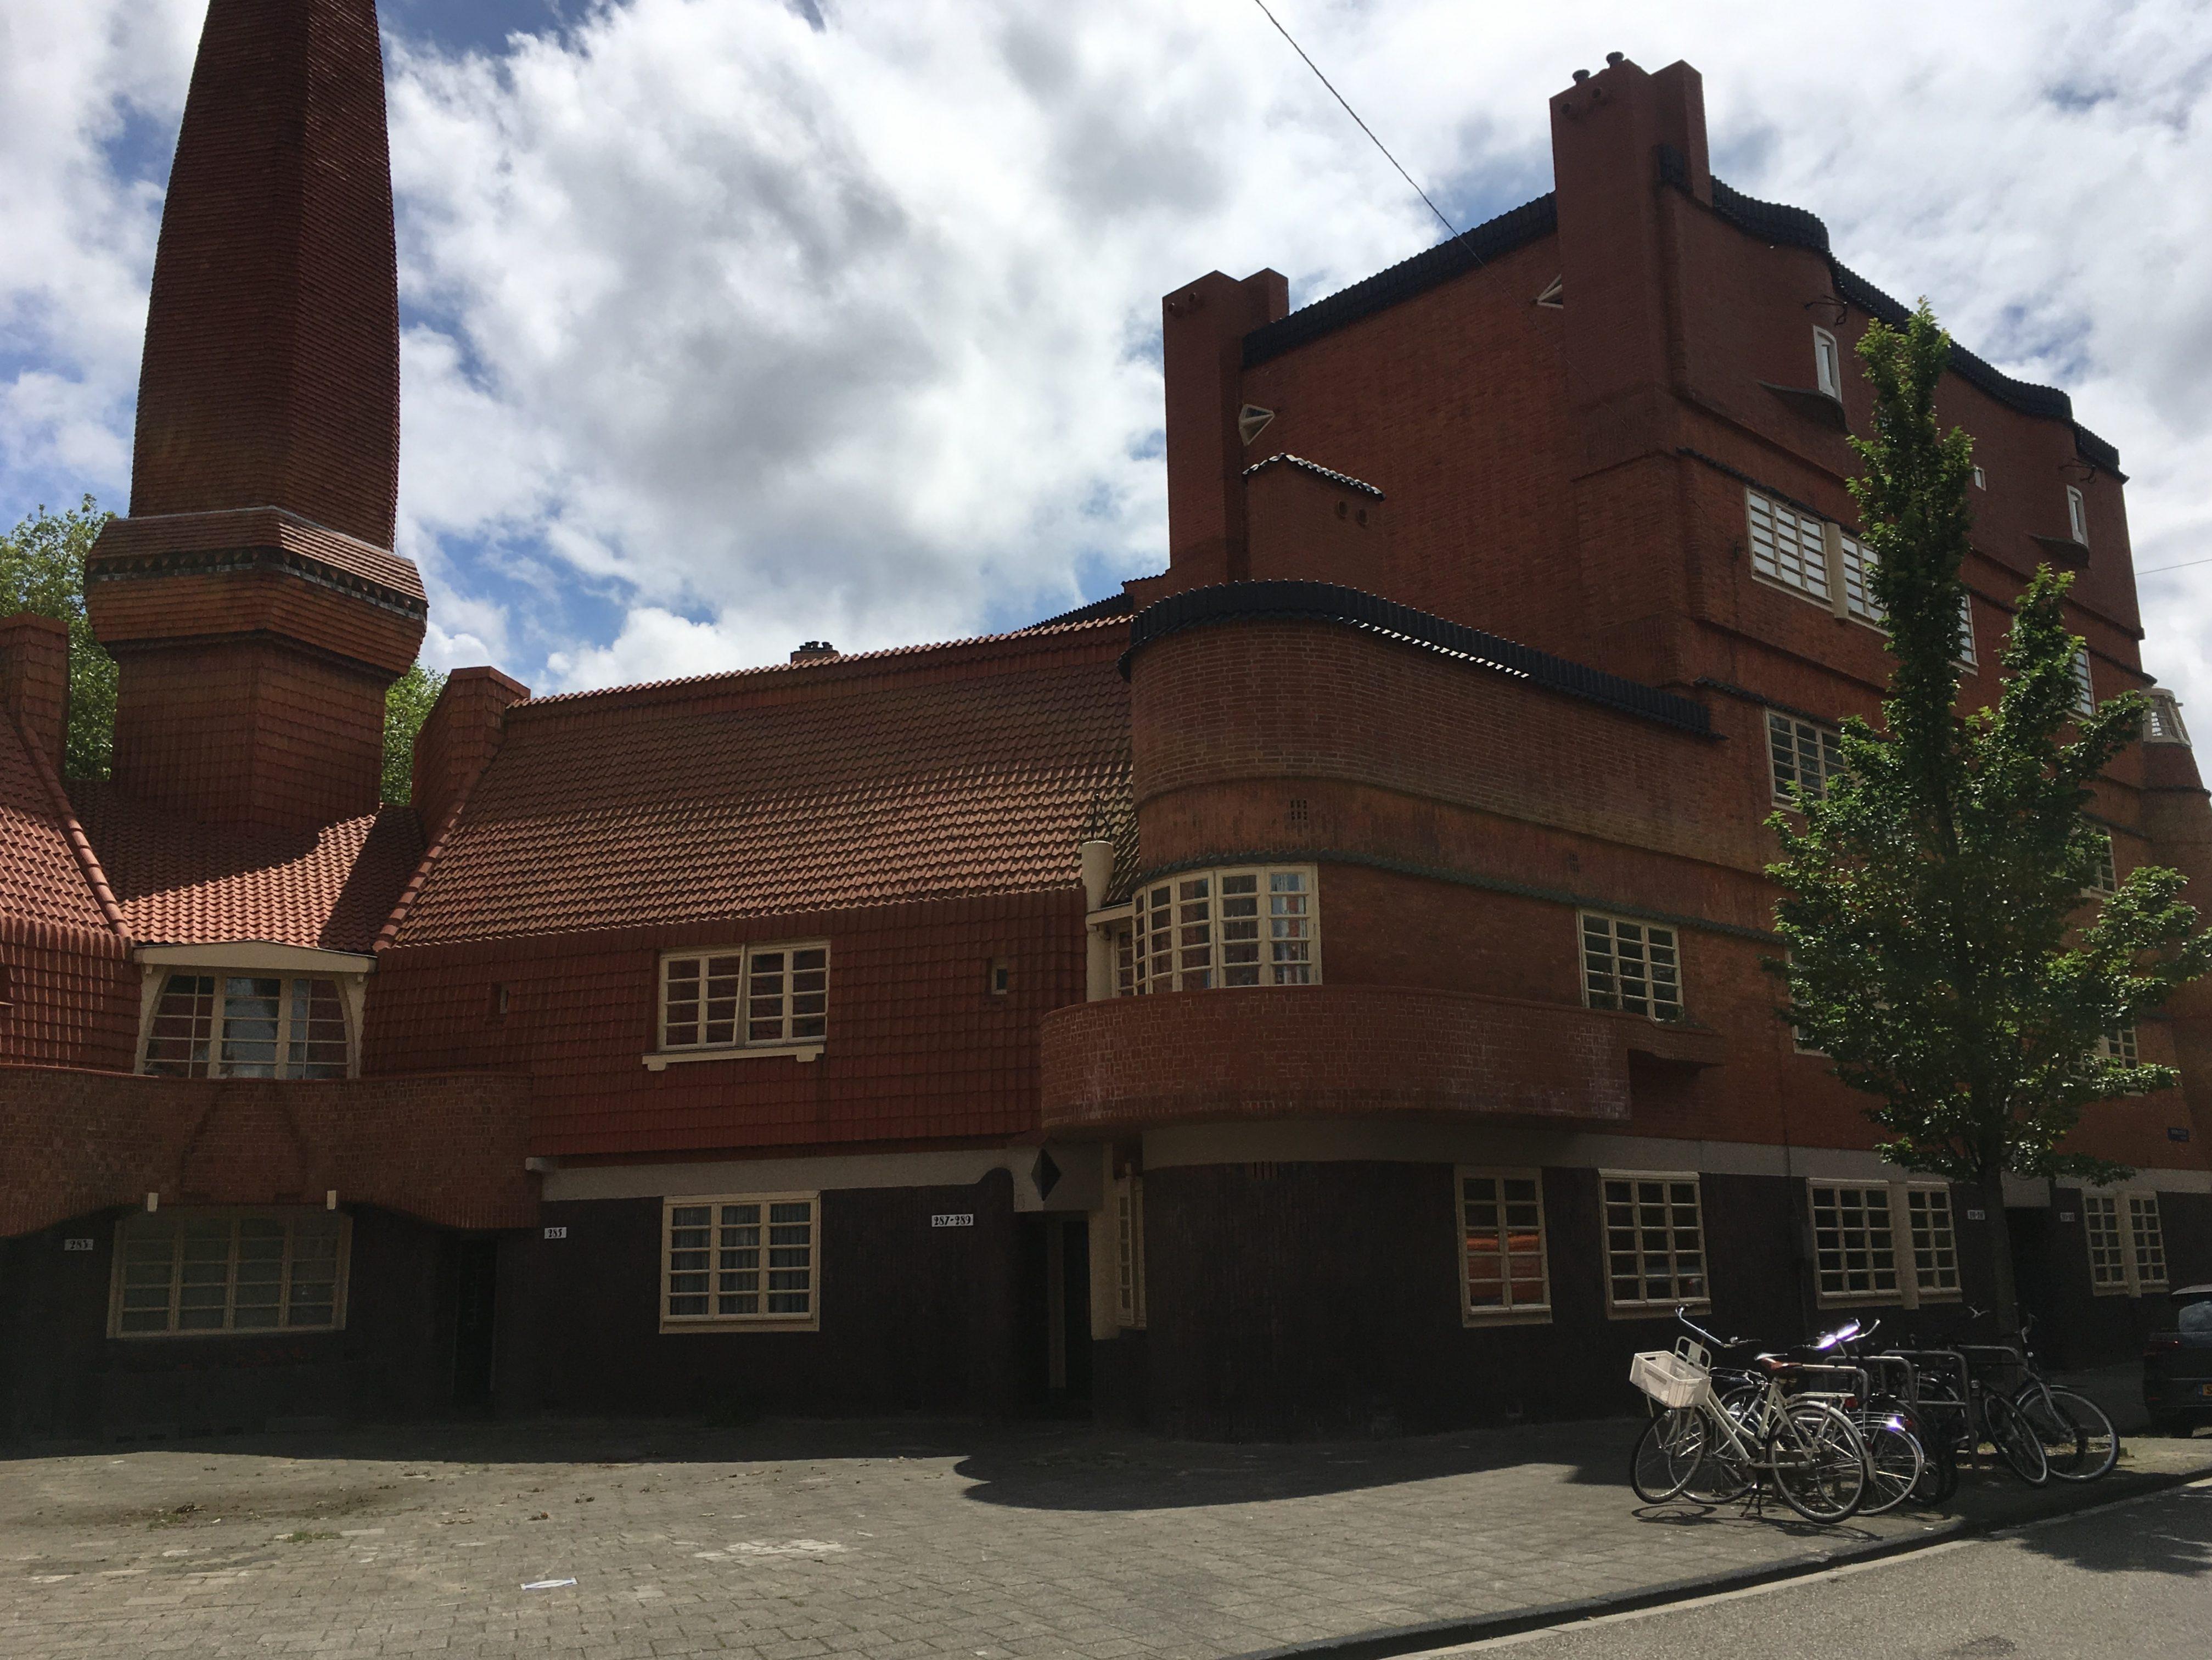 Gebouw Het Schip met karakteristiek dak Amsterdamse School